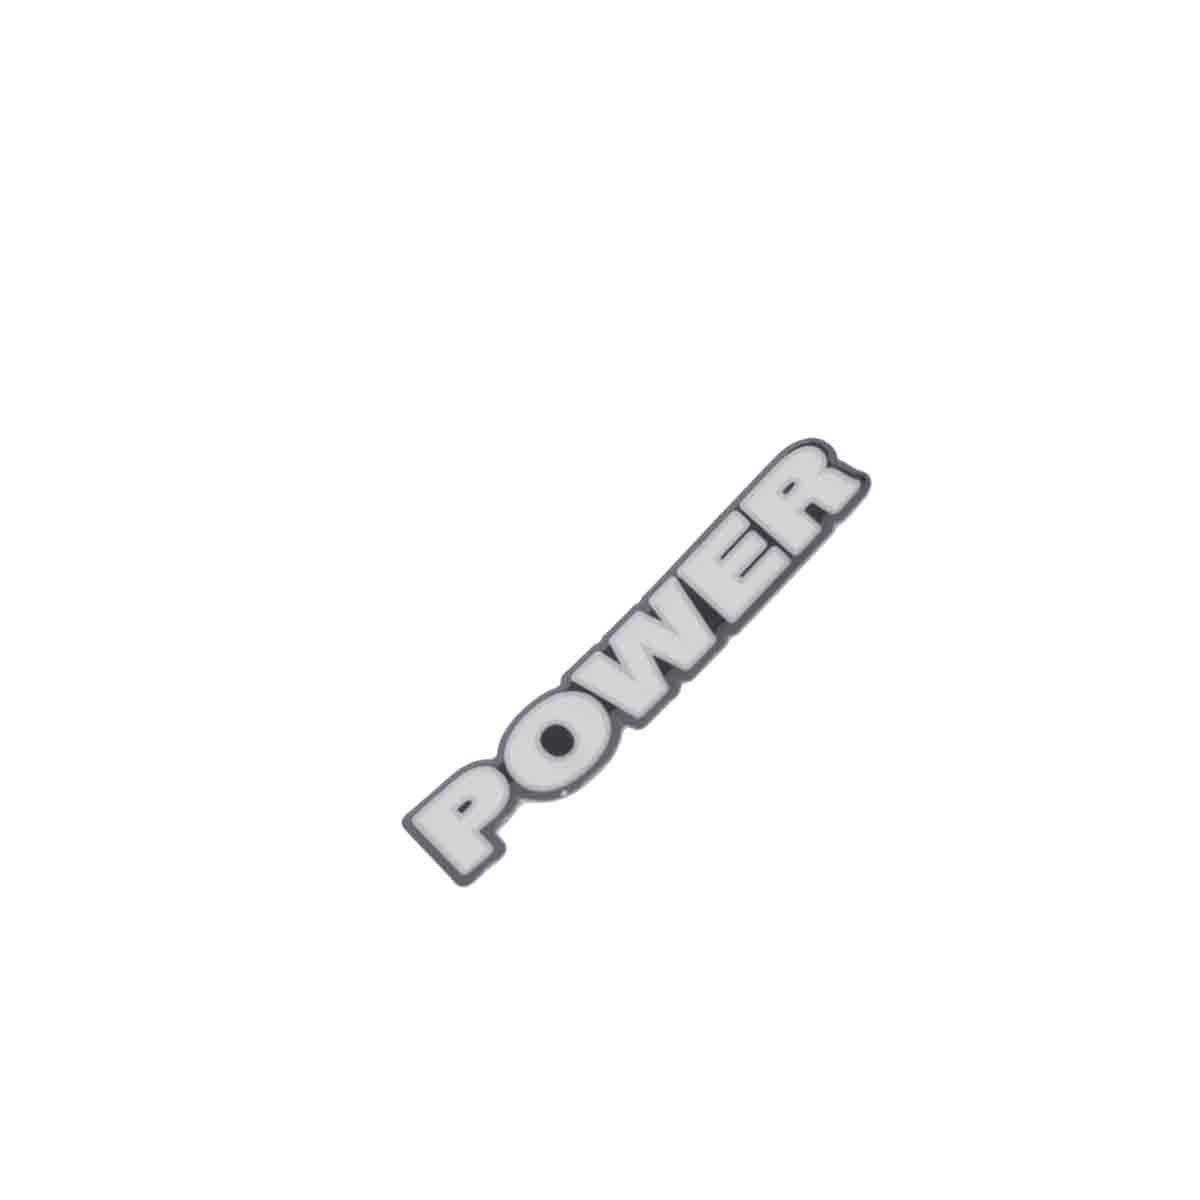 Emblema Power G3 Resinado